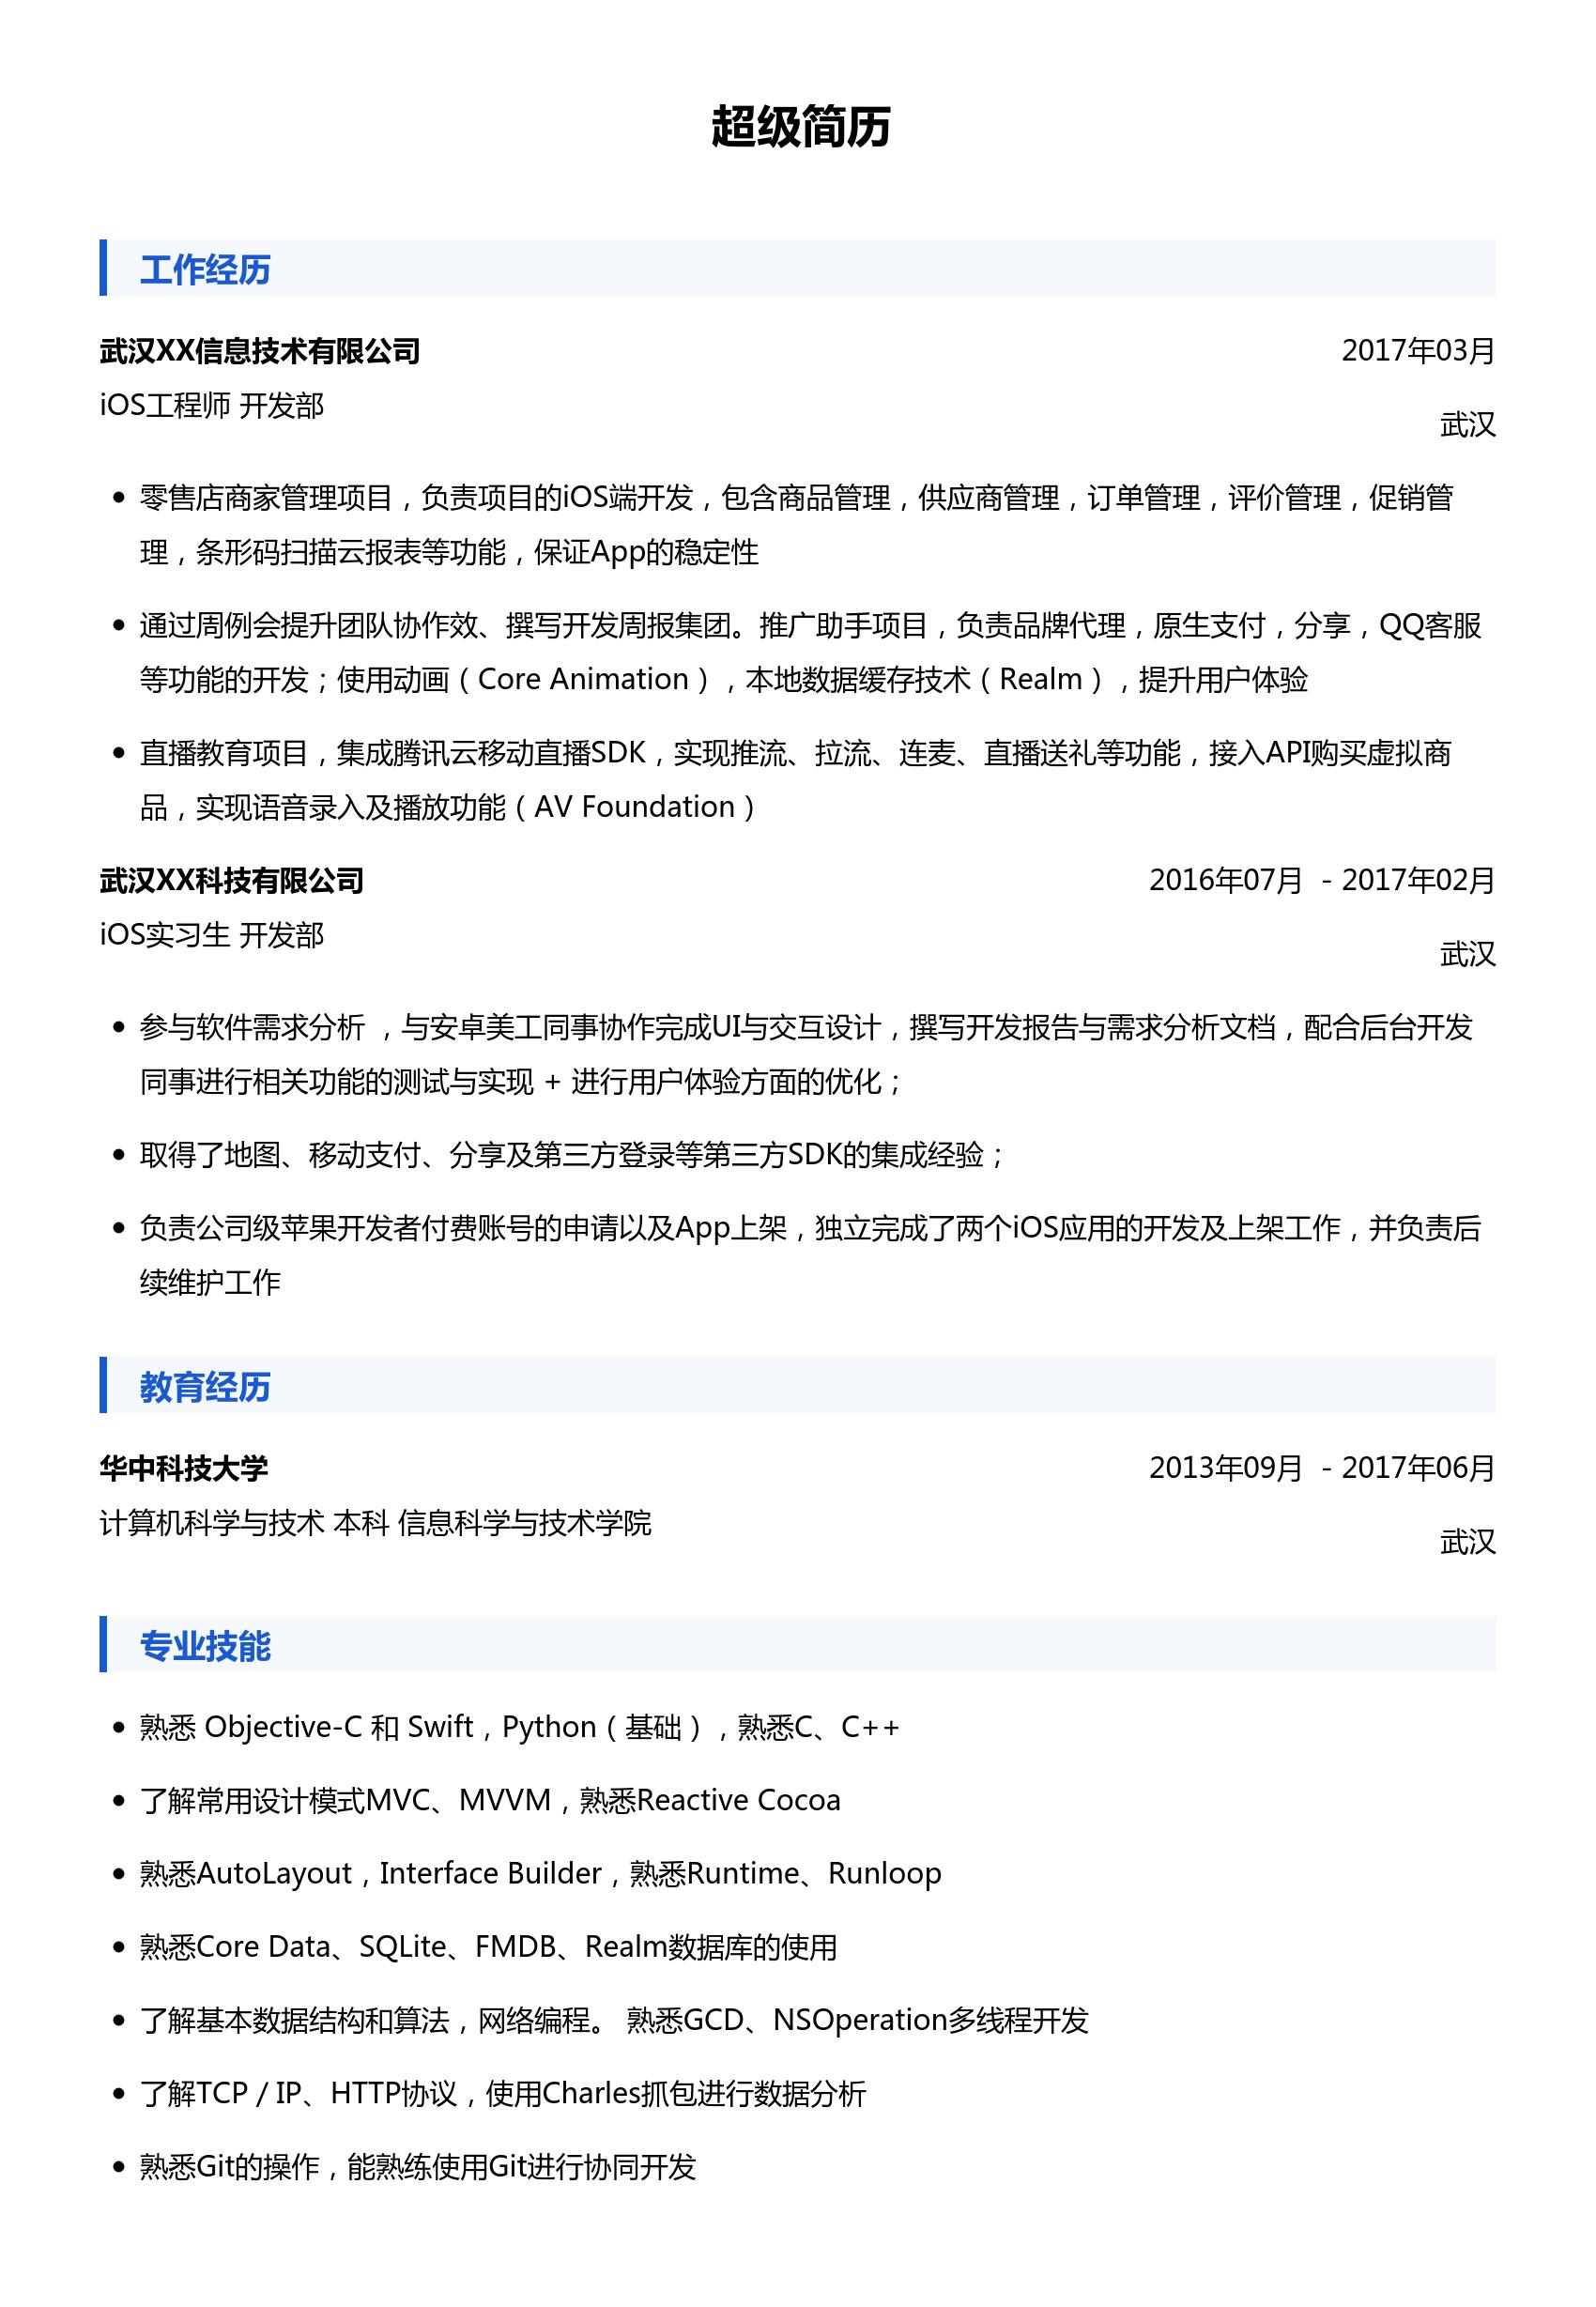 iOS简历模板